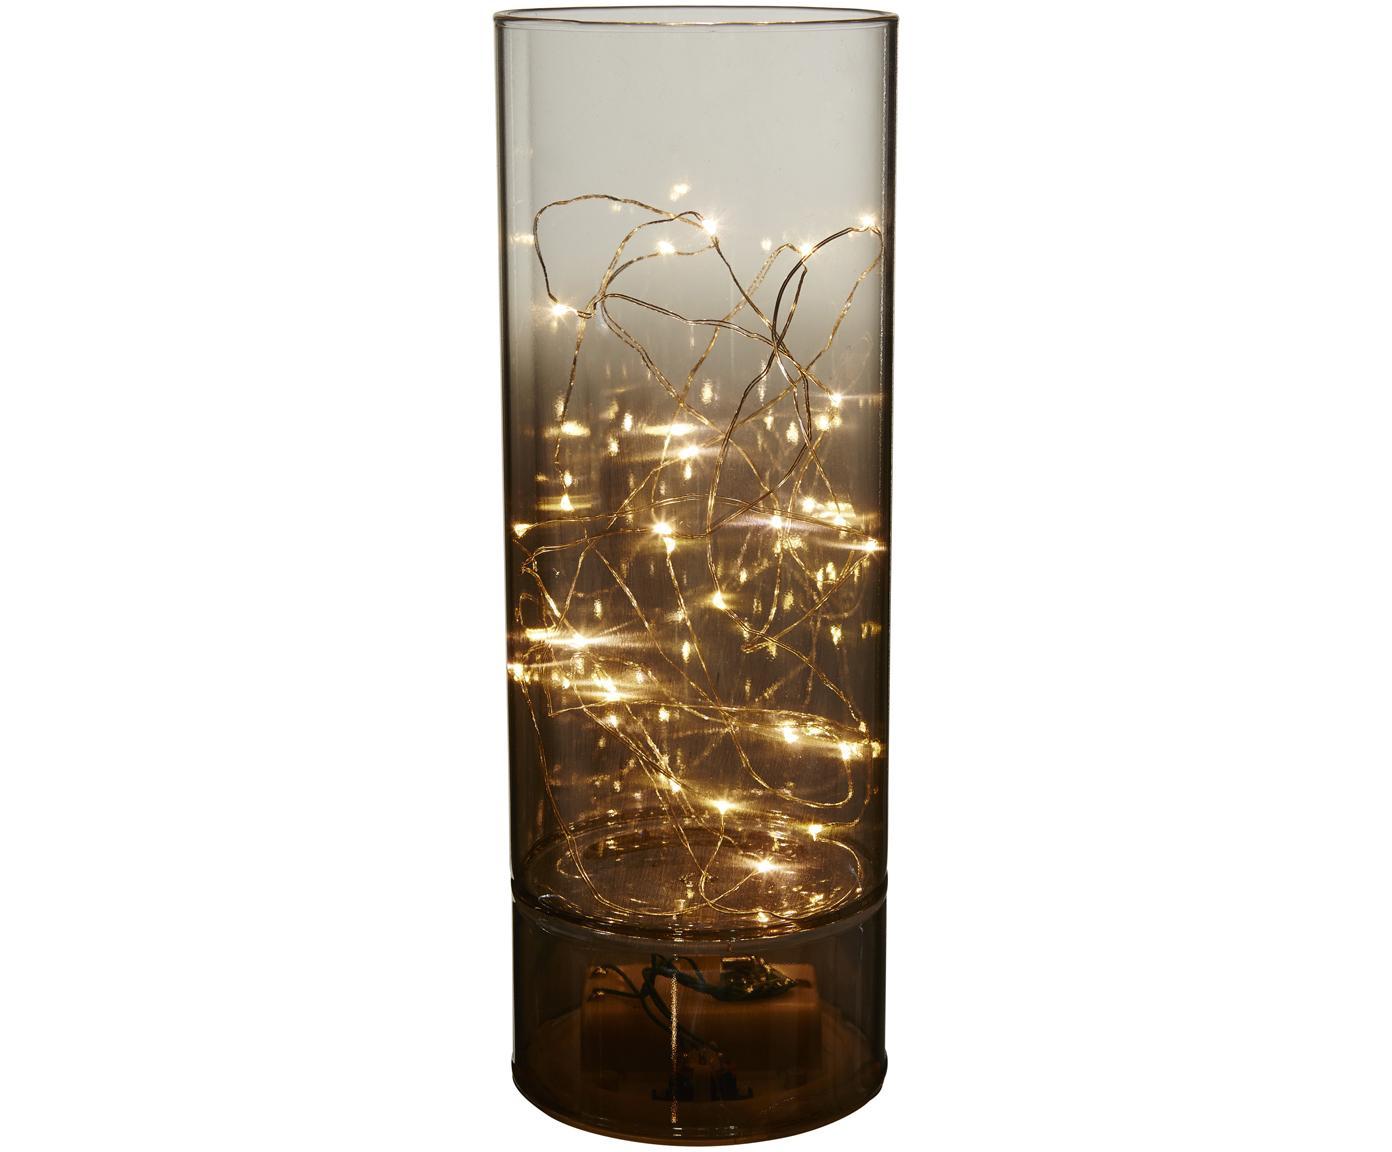 Leuchtobjekt Mirror Tube, batteriebetrieben, Grau, Ø 9 x H 25 cm